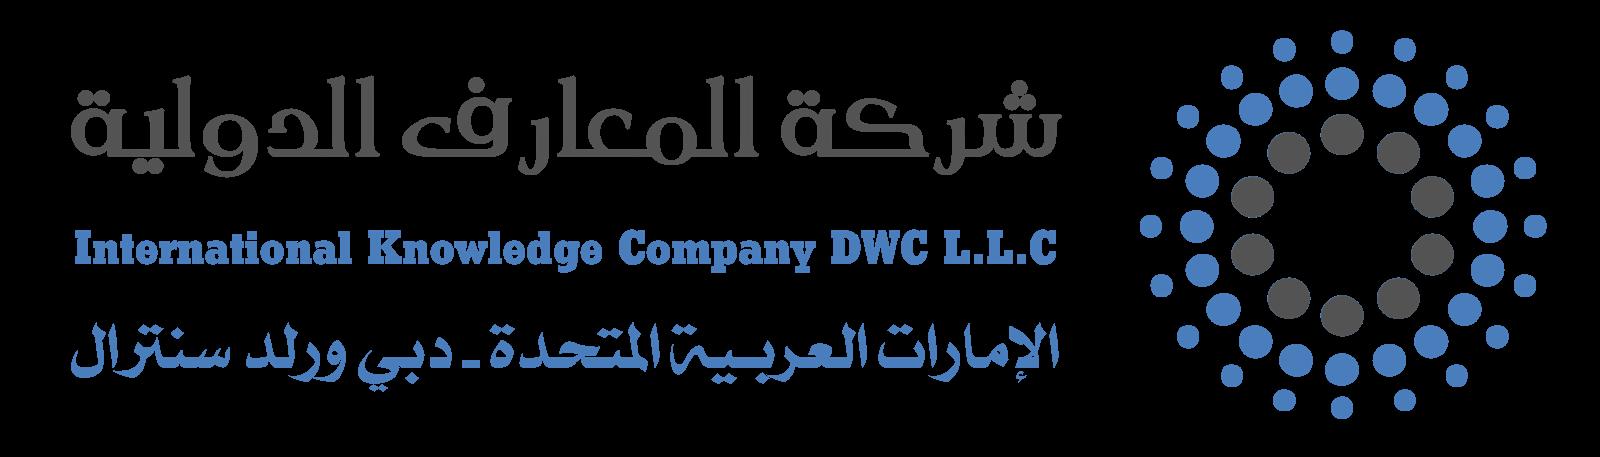 شركة المعارف الدولية للاستشارات والدراسات  International Knowledge Company DWC L.L.C | IKC